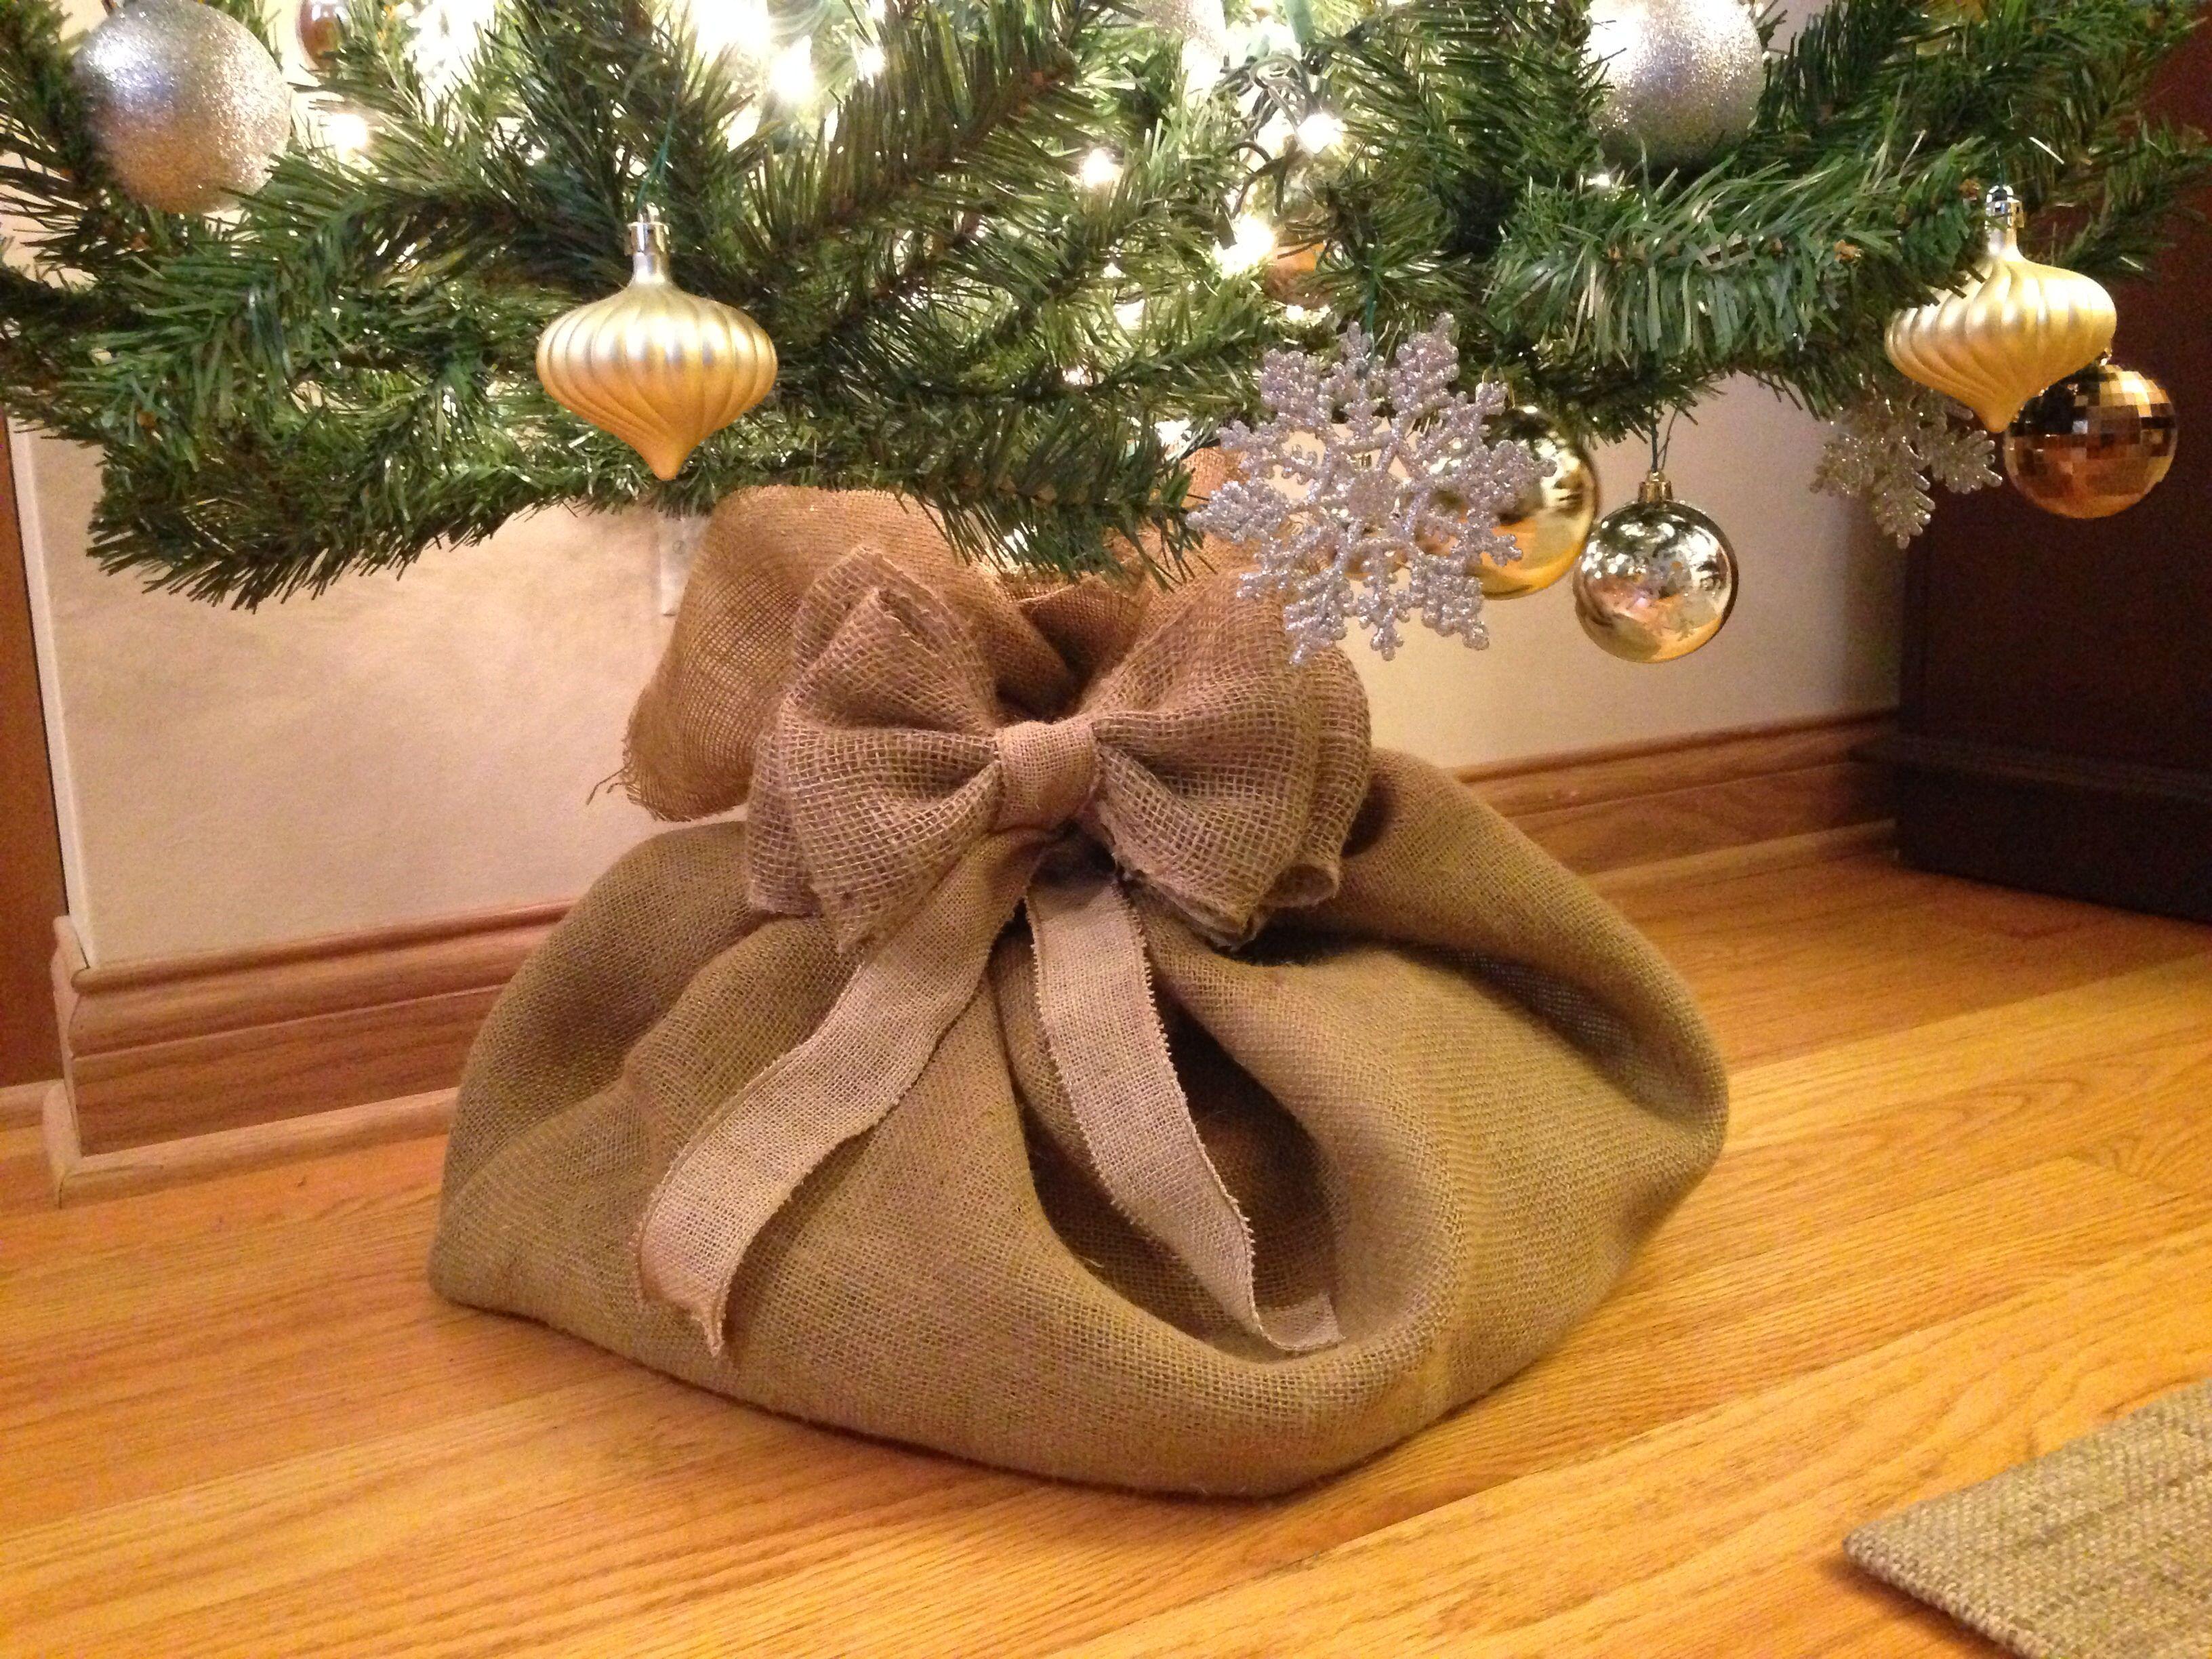 Shopping For Christmas Tree Decorations Base De Arbol De Navidad